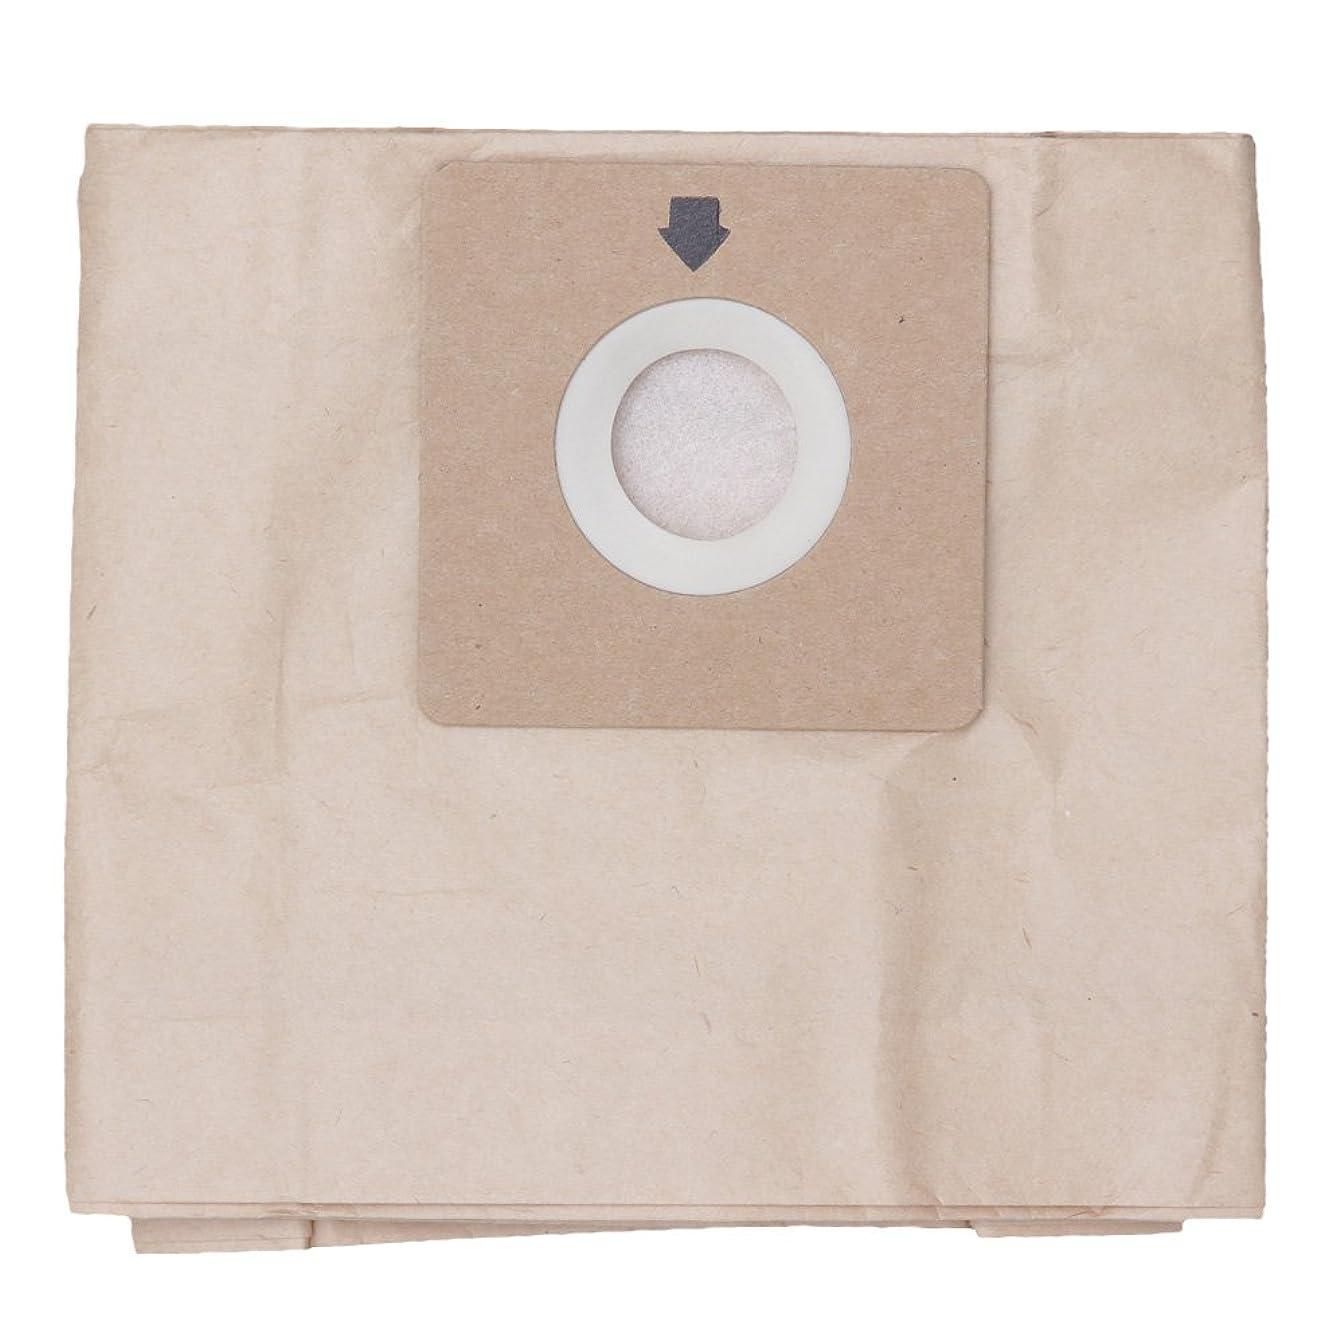 靄公爵洪水アイリスオーヤマ 掃除機 乾式バキュームクリーナー用紙パック GPB-1